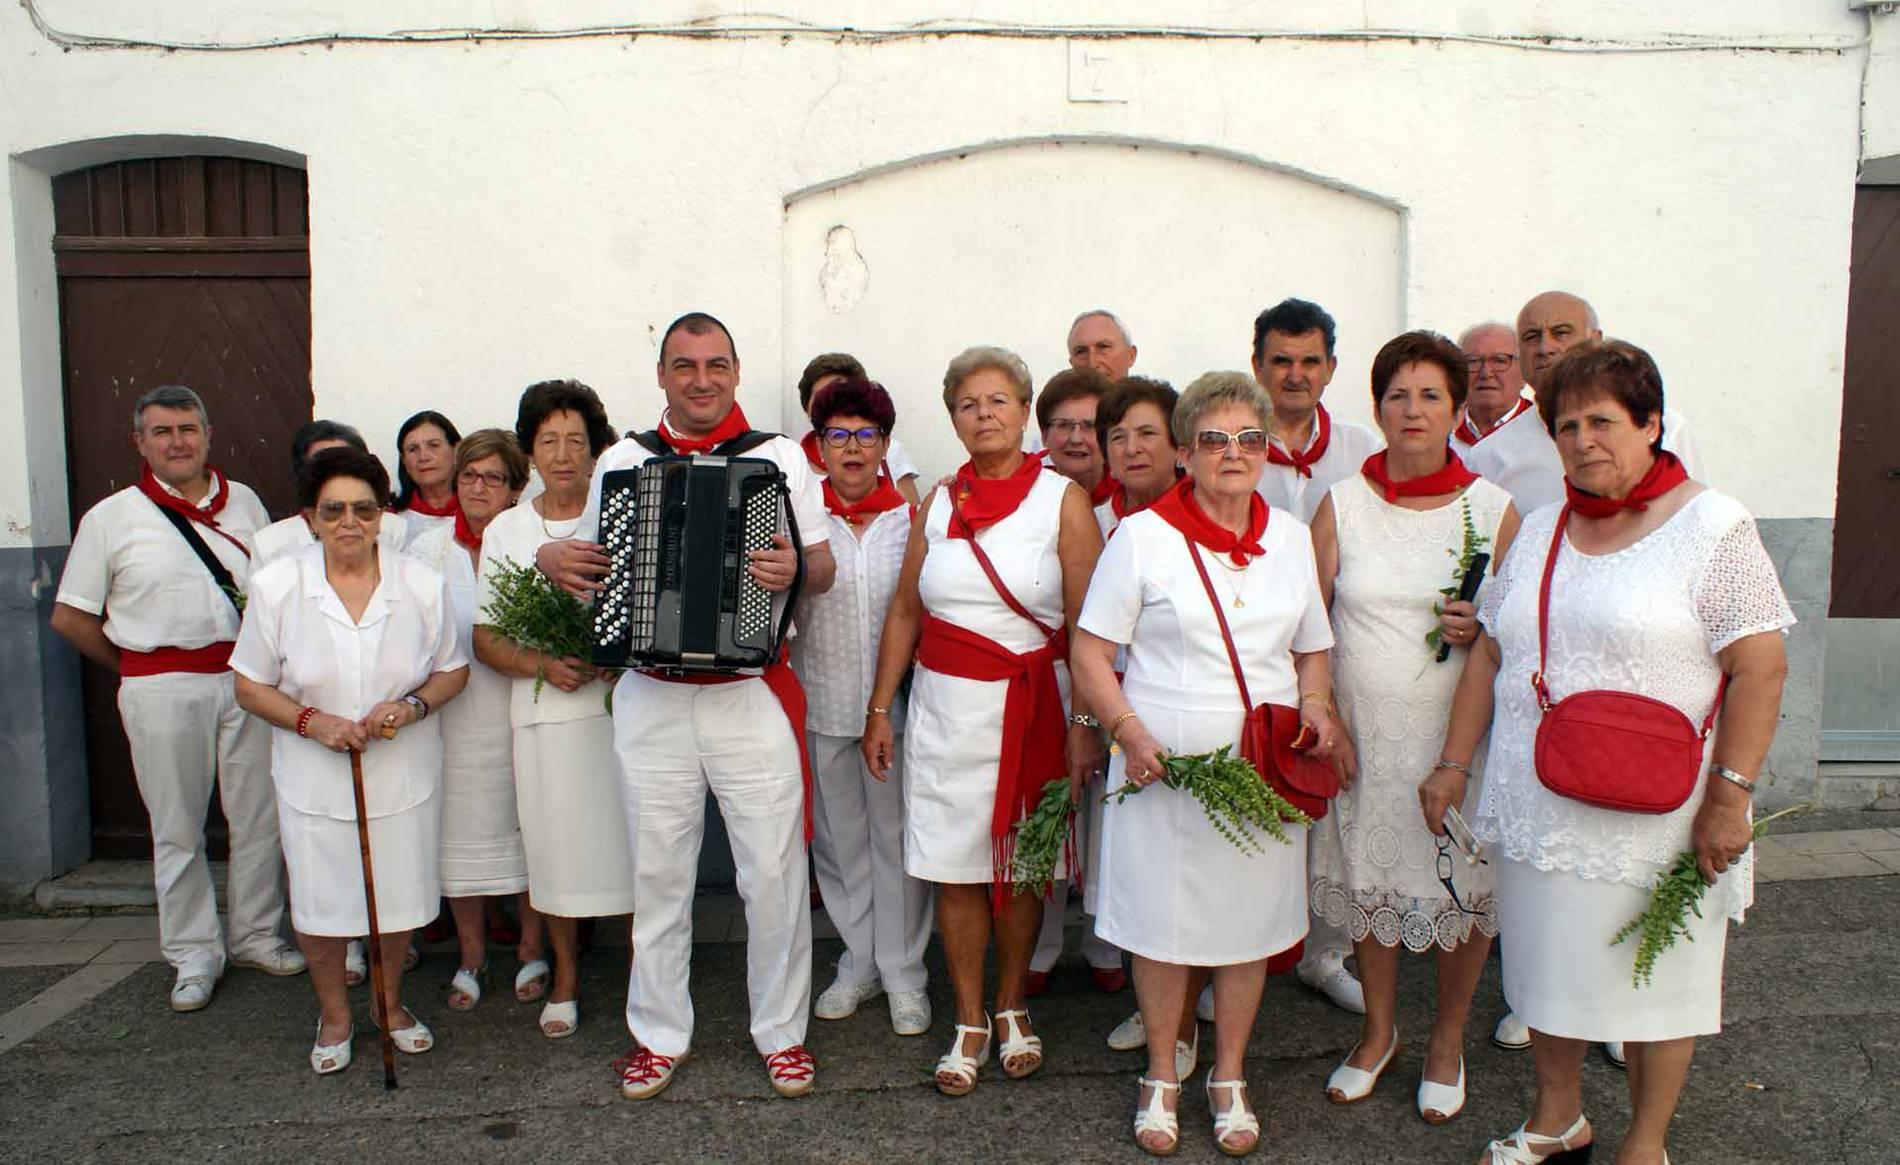 Procesión en las fiestas de Monteagudo (1/8) - Imágenes de la procesión de San Roque. - Tudela y Ribera -